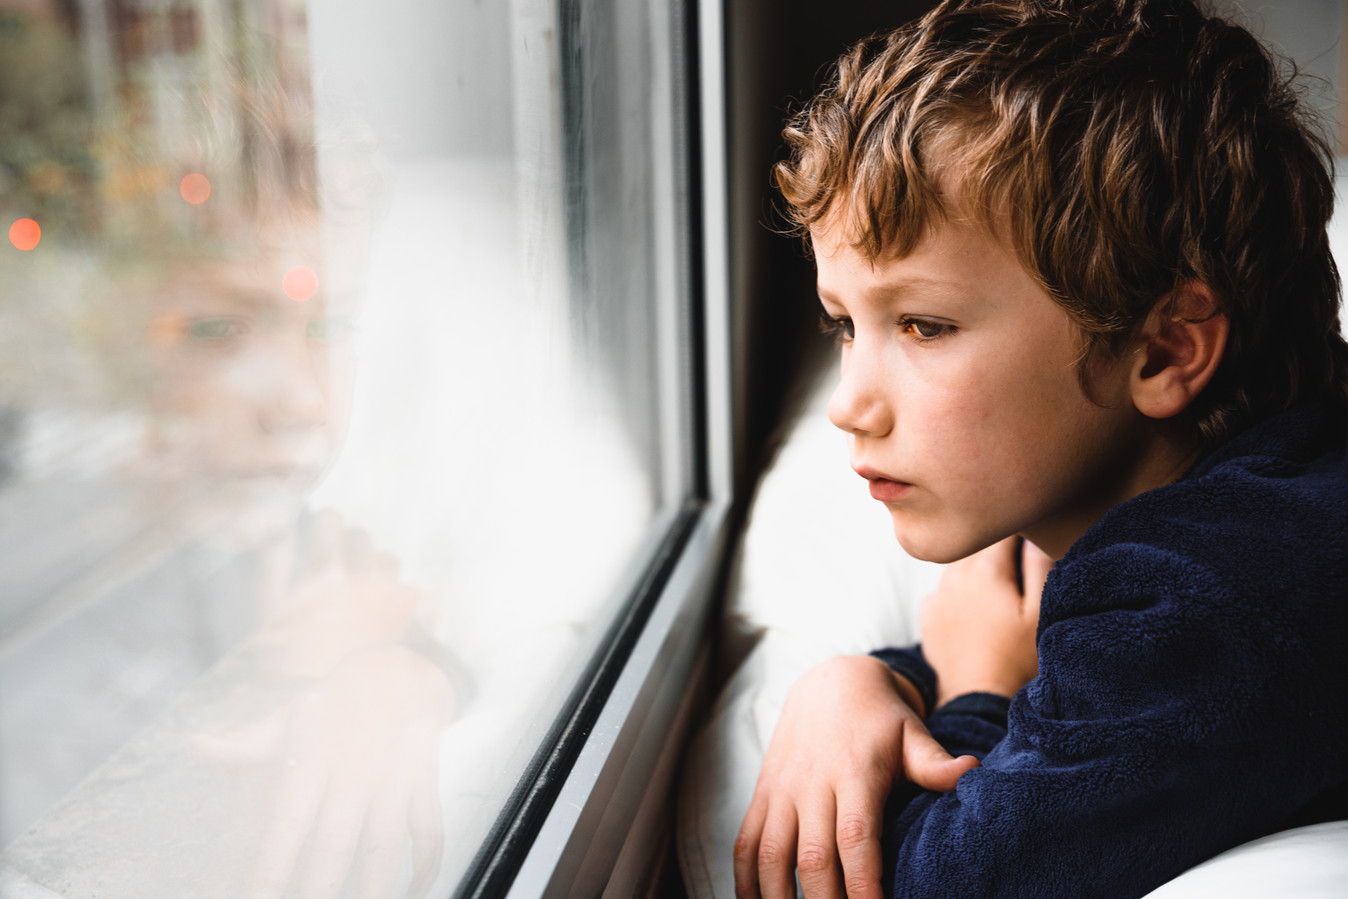 Een gemeend excuus van moeder of vader maakt al snel impact op een kind., want als je als ouder sorry zegt, doe je dat vaak met tranen in de ogen zegt opvoedcoach Annelies Bodeldijk.